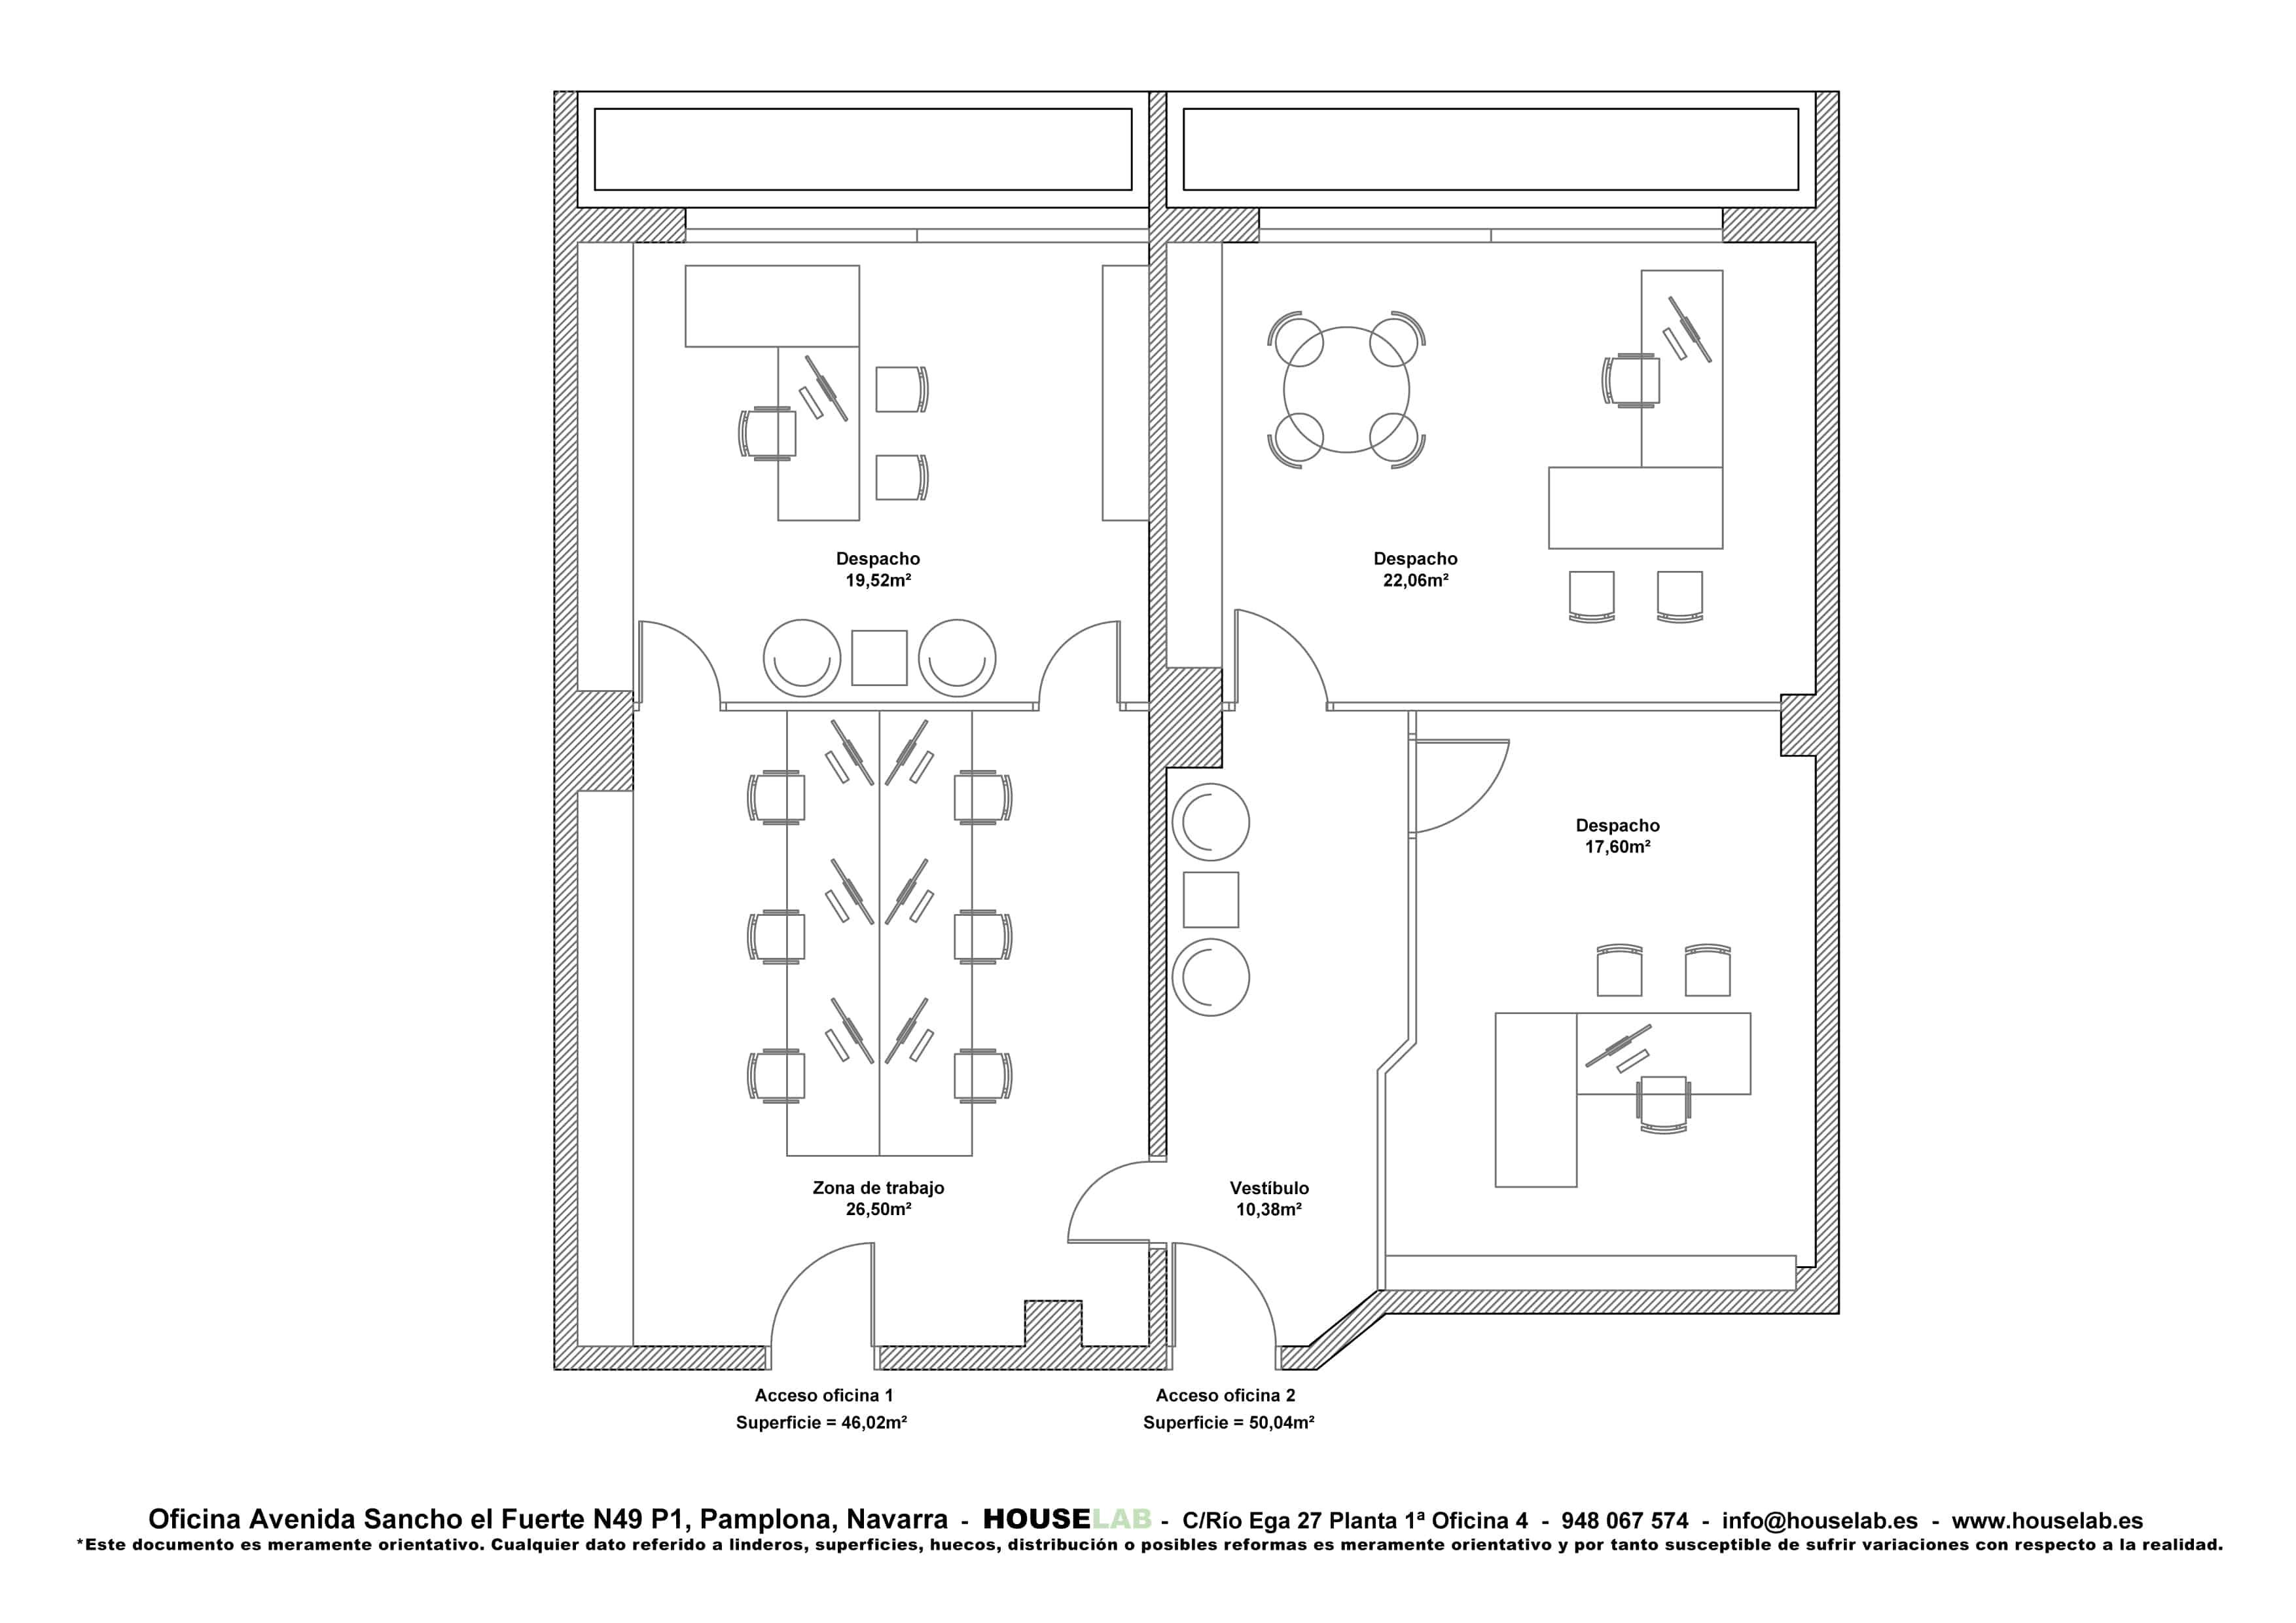 Oficina en av sancho el fuerte n49 houselab for Distribucion oficinas